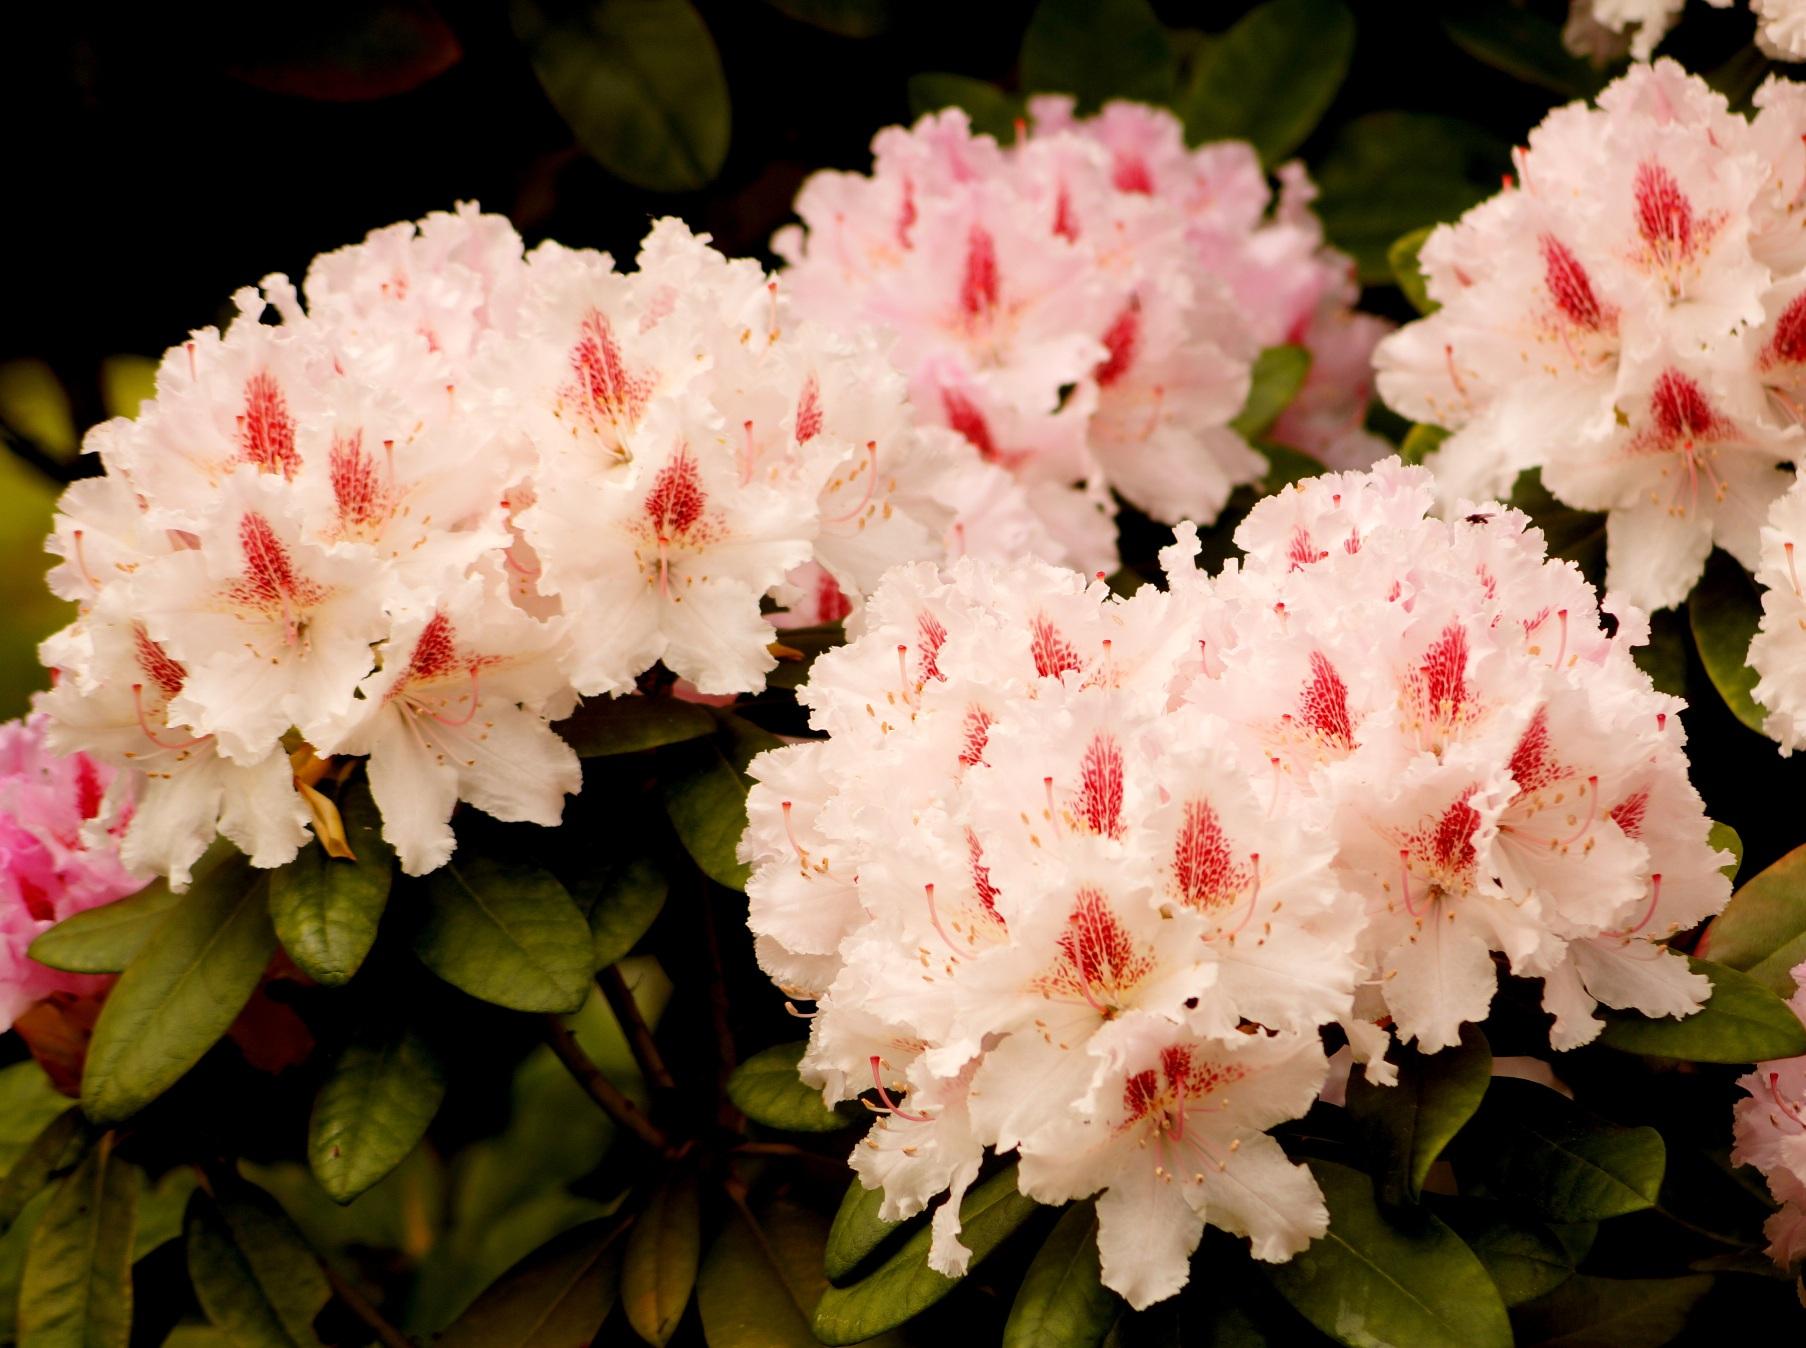 Rhododendron catawbiense – różanecznik katawbijski